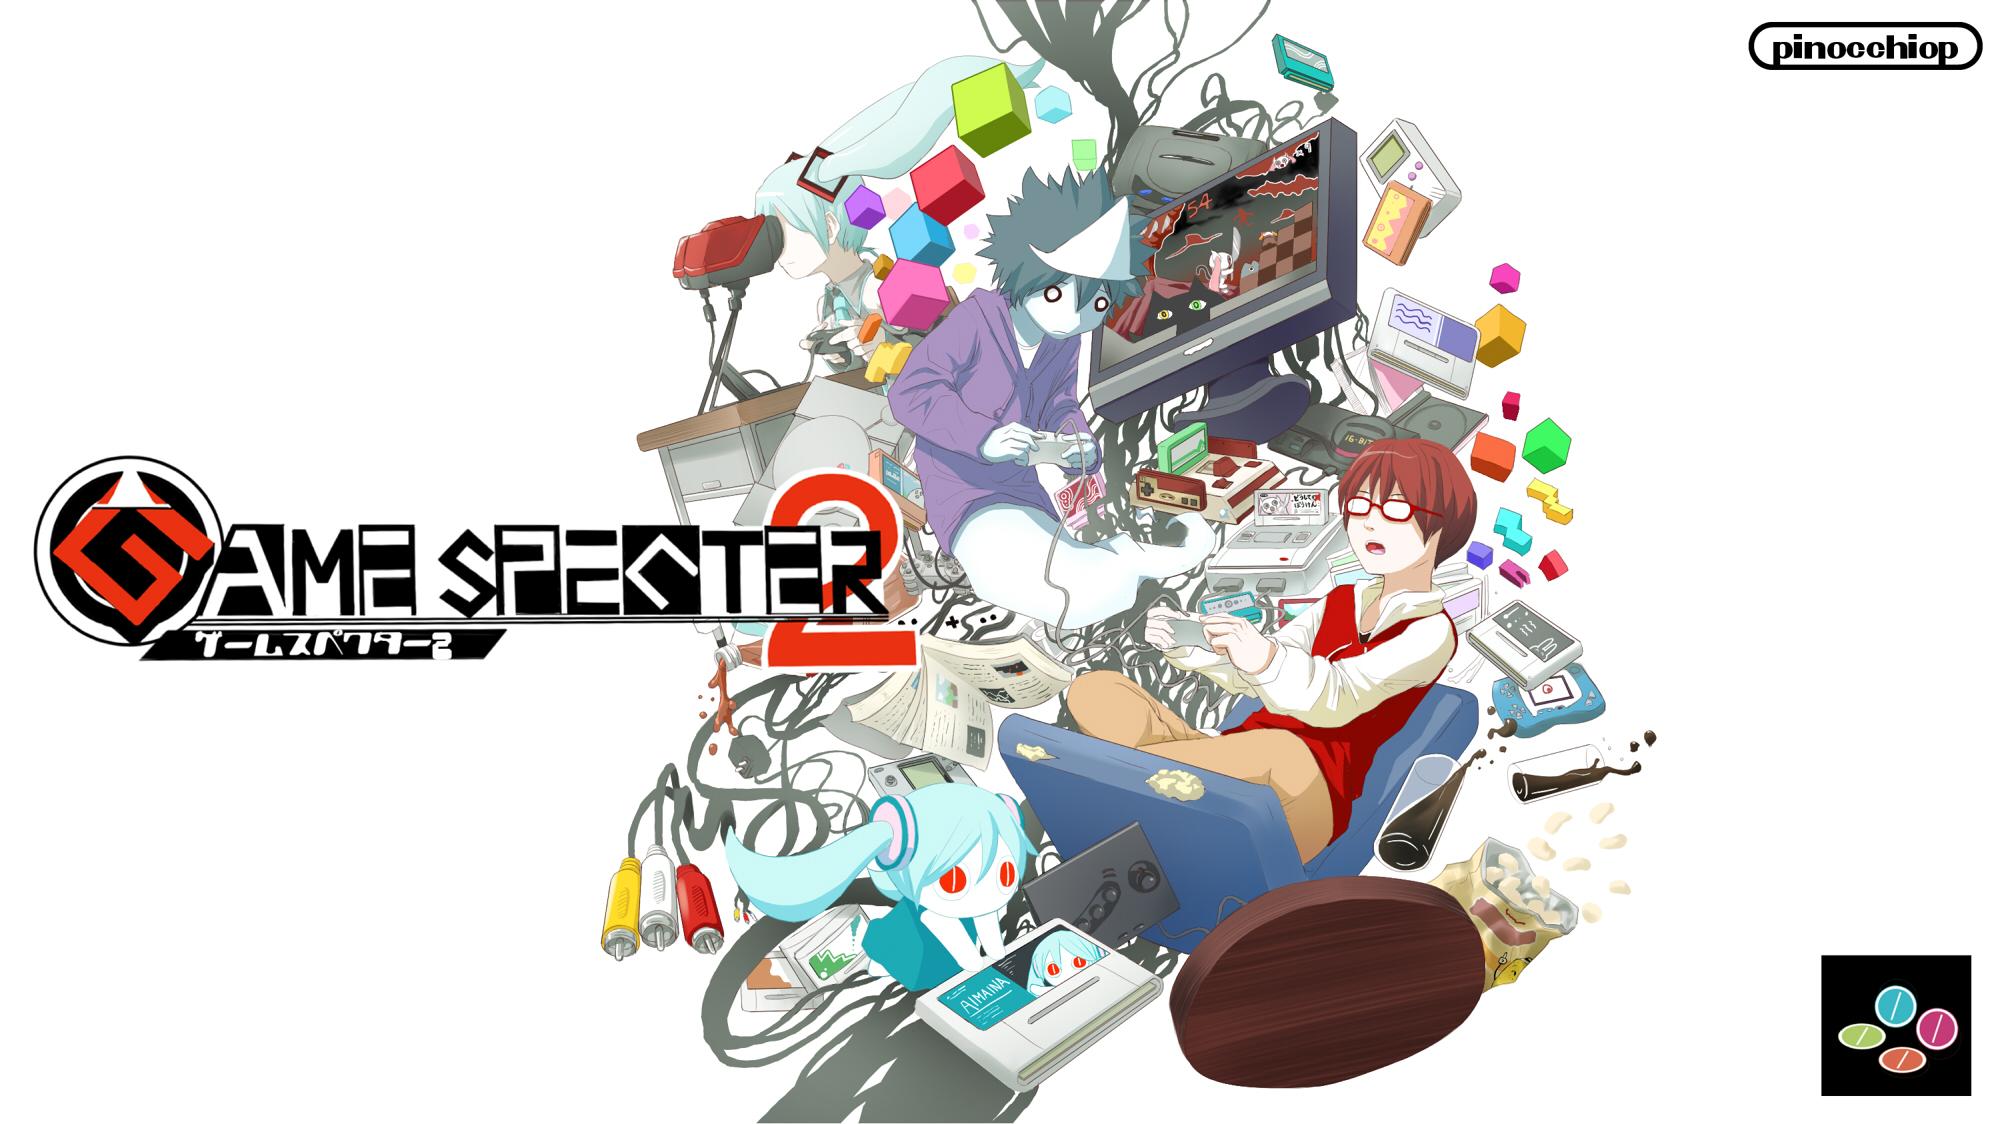 ゲームスぺクター2 (Game Specter 2)